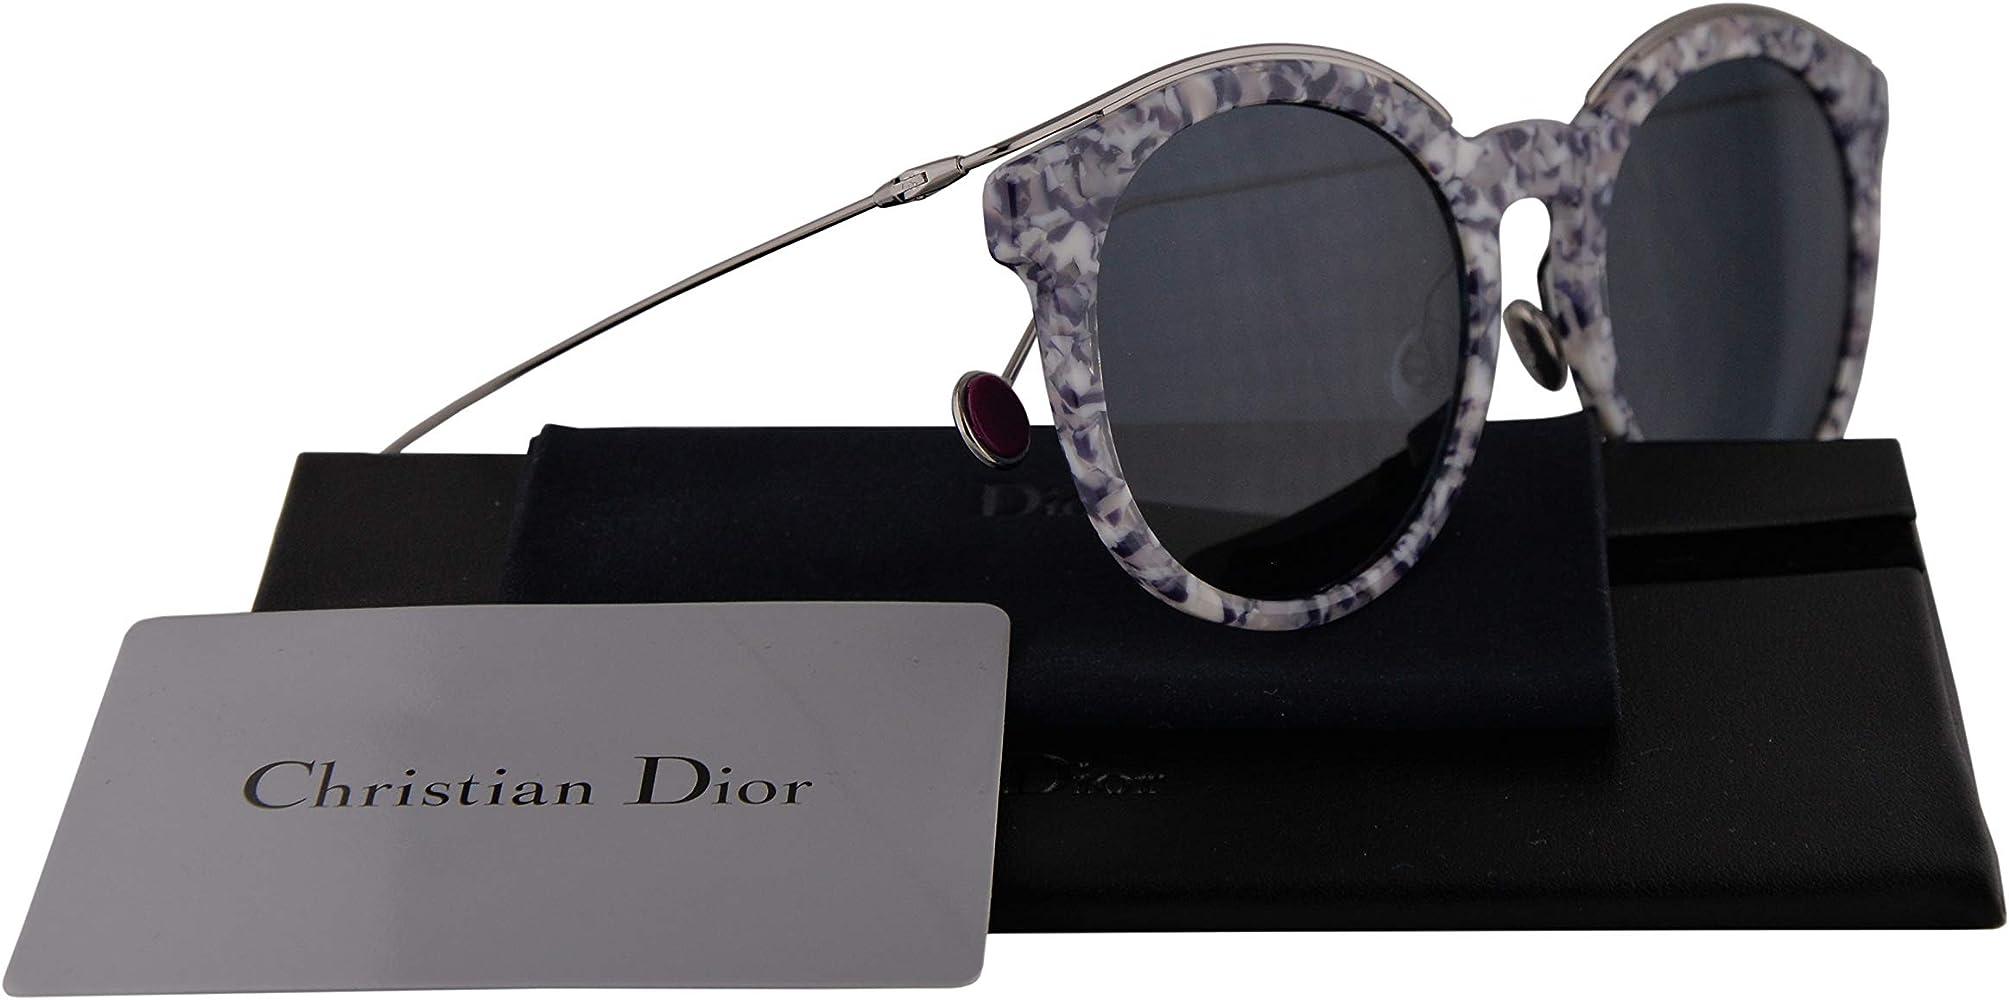 Christian Dior DiorBlossom Gafas de Sol Violeta con Lentes Azul 52mm GKRKU DiorBlossom/S Diorblossom Dior Blossom: Amazon.es: Ropa y accesorios